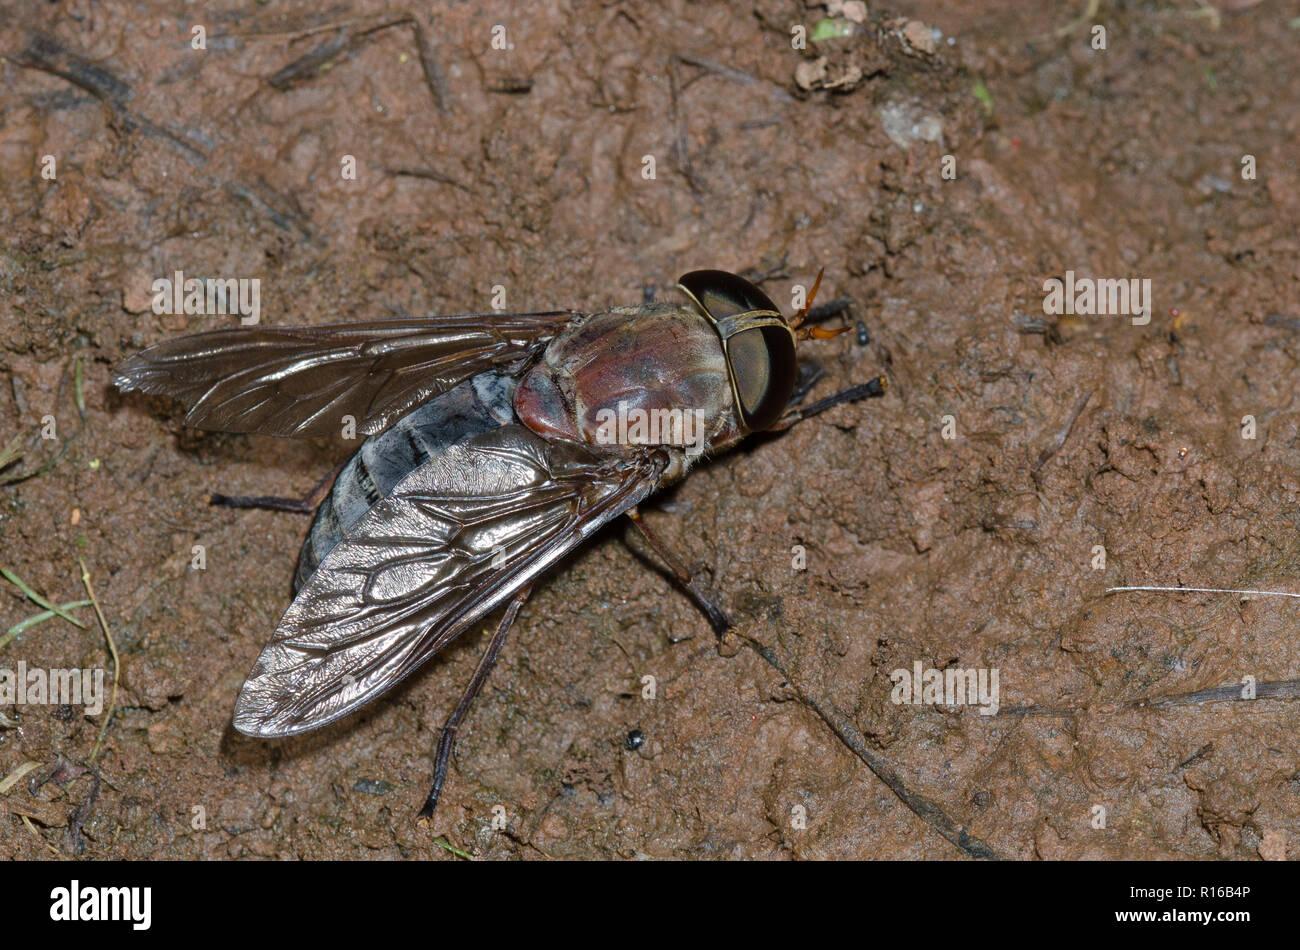 Horse Fly, Subfamily Tabaninae Stock Photo